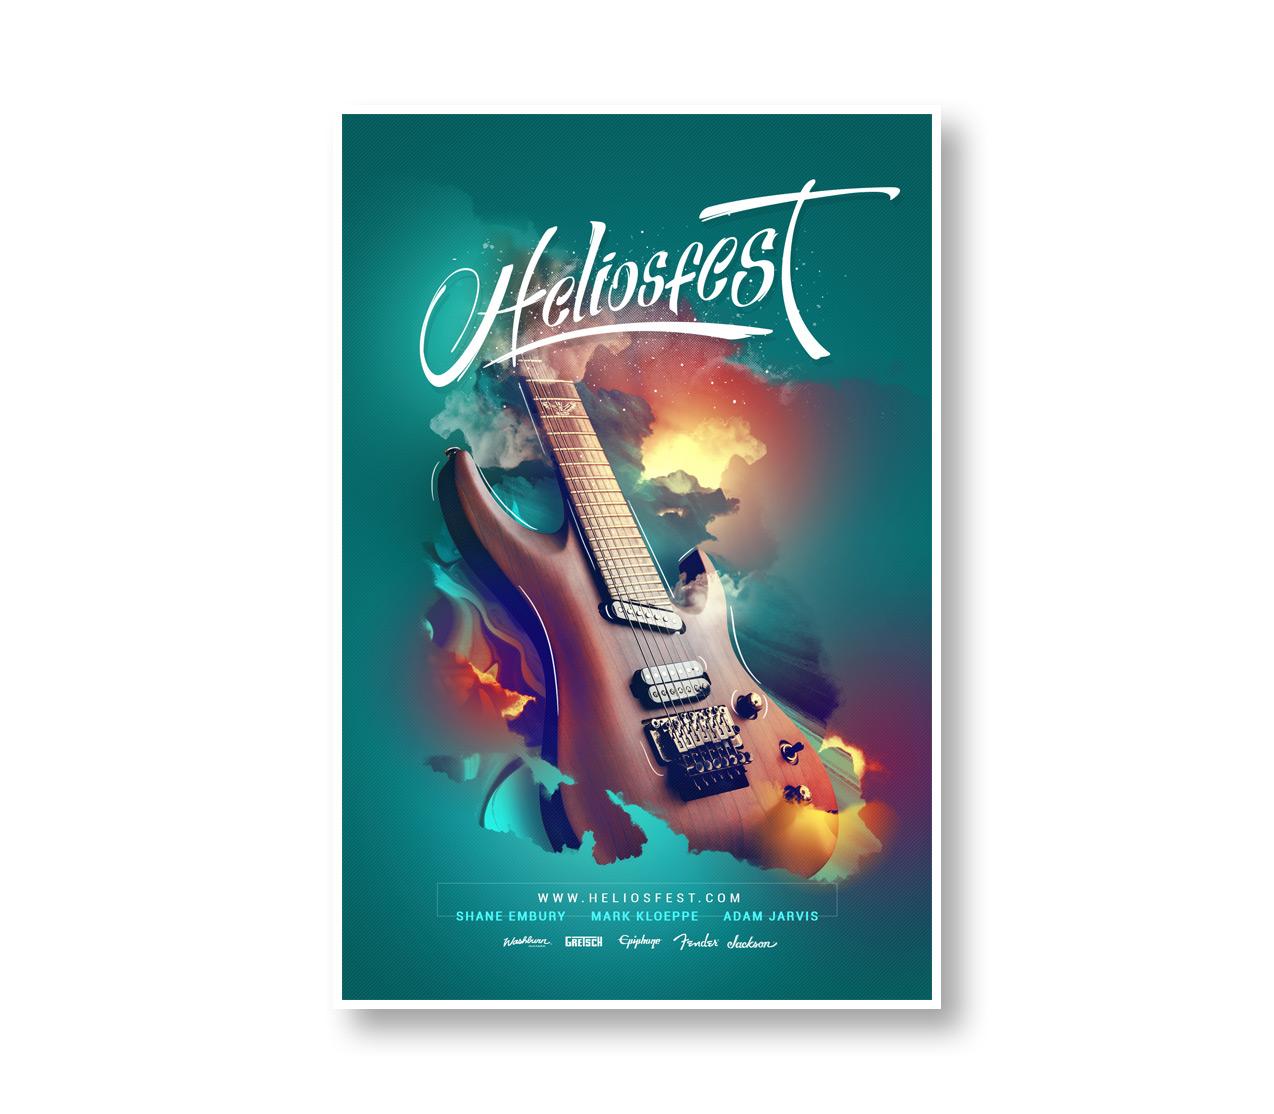 Diseño publicitario Keepinmind fotografía Poster Heliosfest